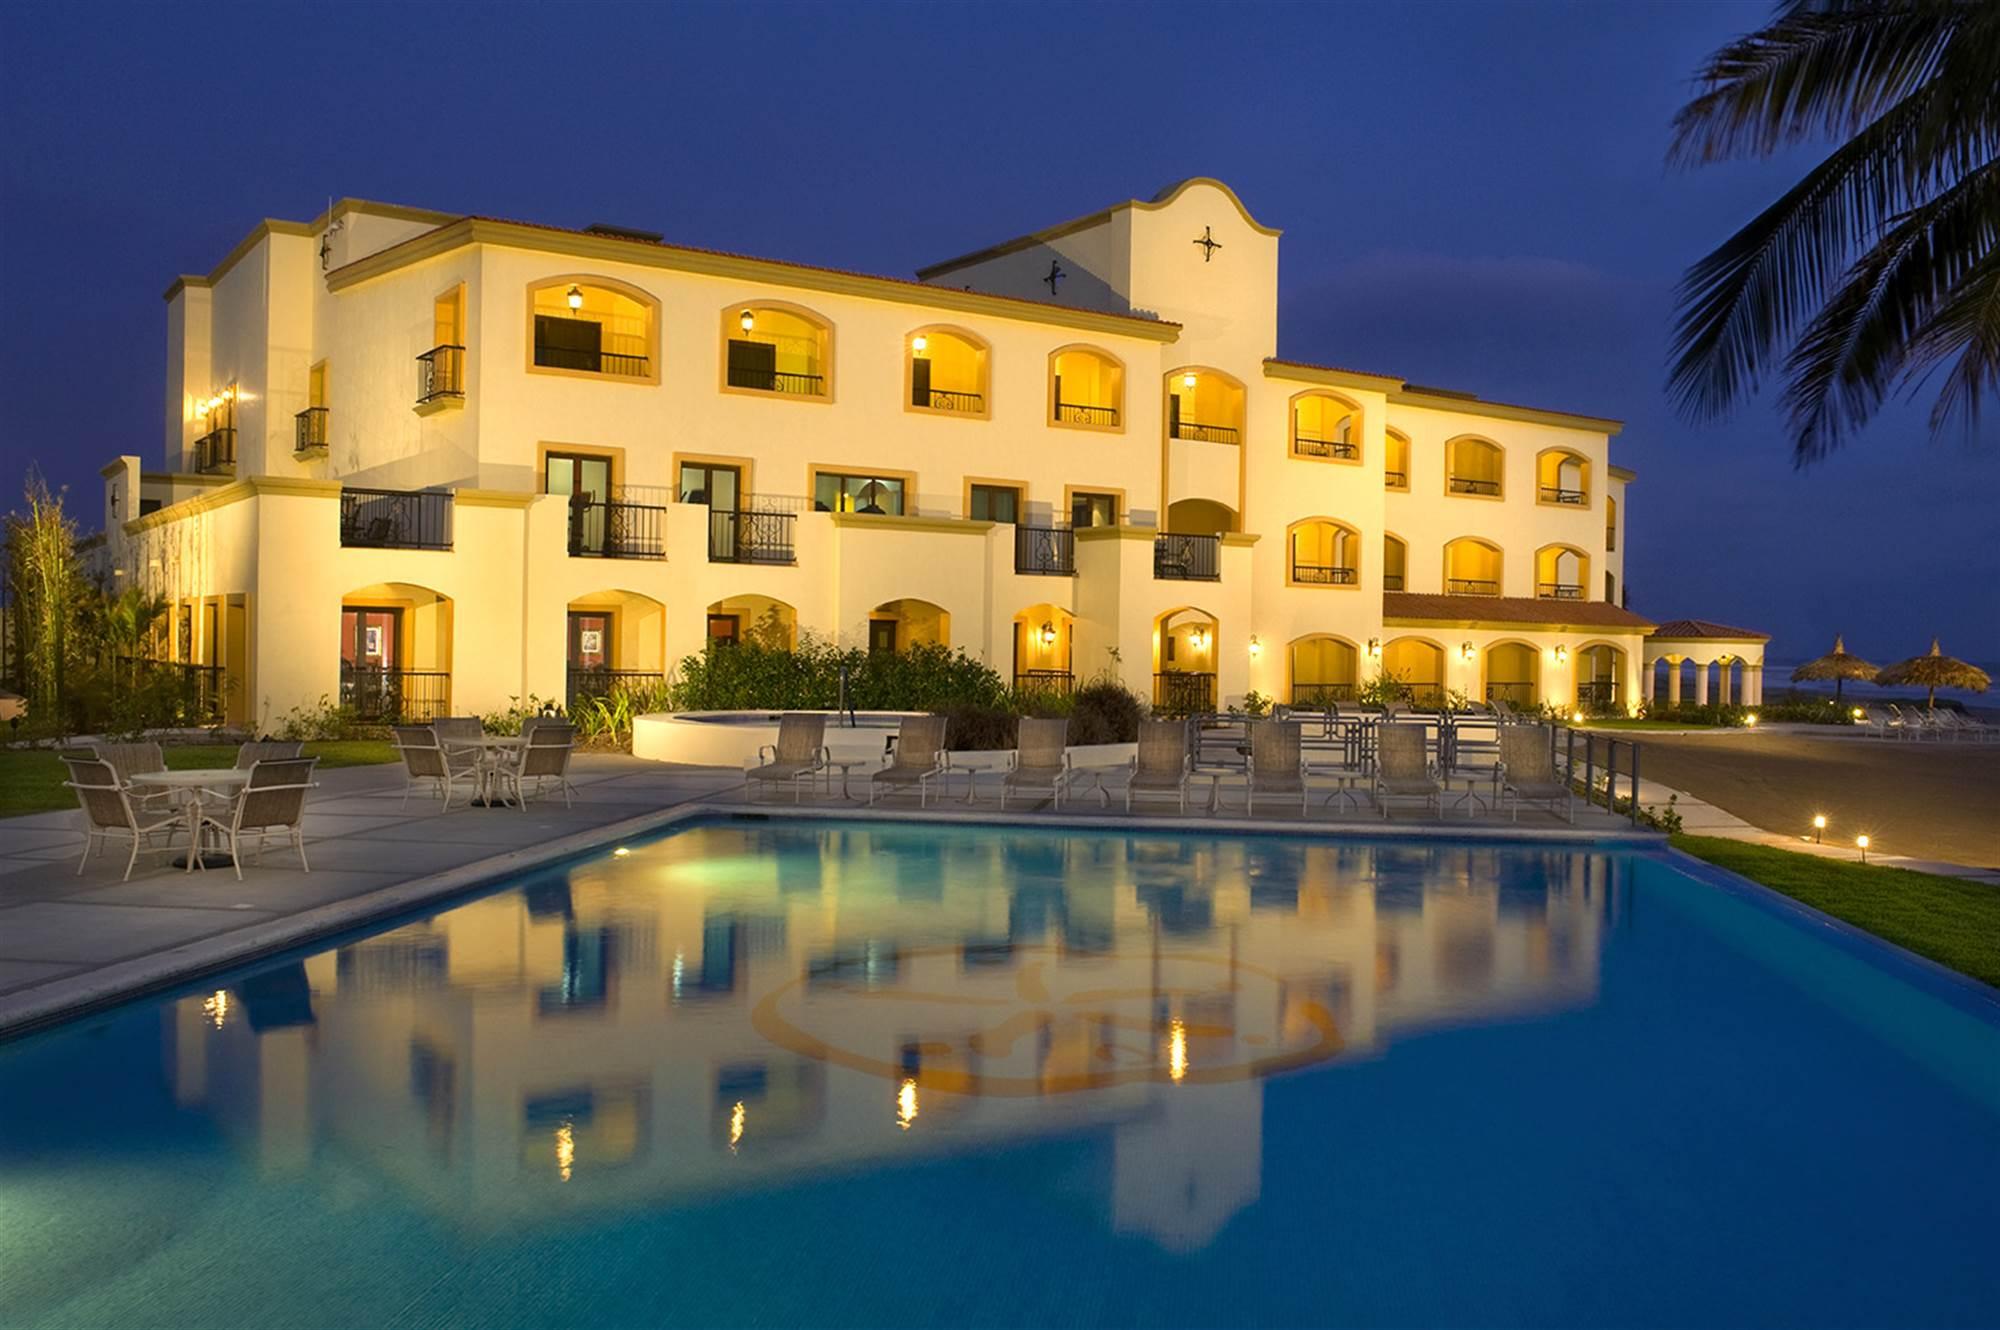 Paquete estrella del mar resort mazatlan paquetes - Estrella del mar hotel ...